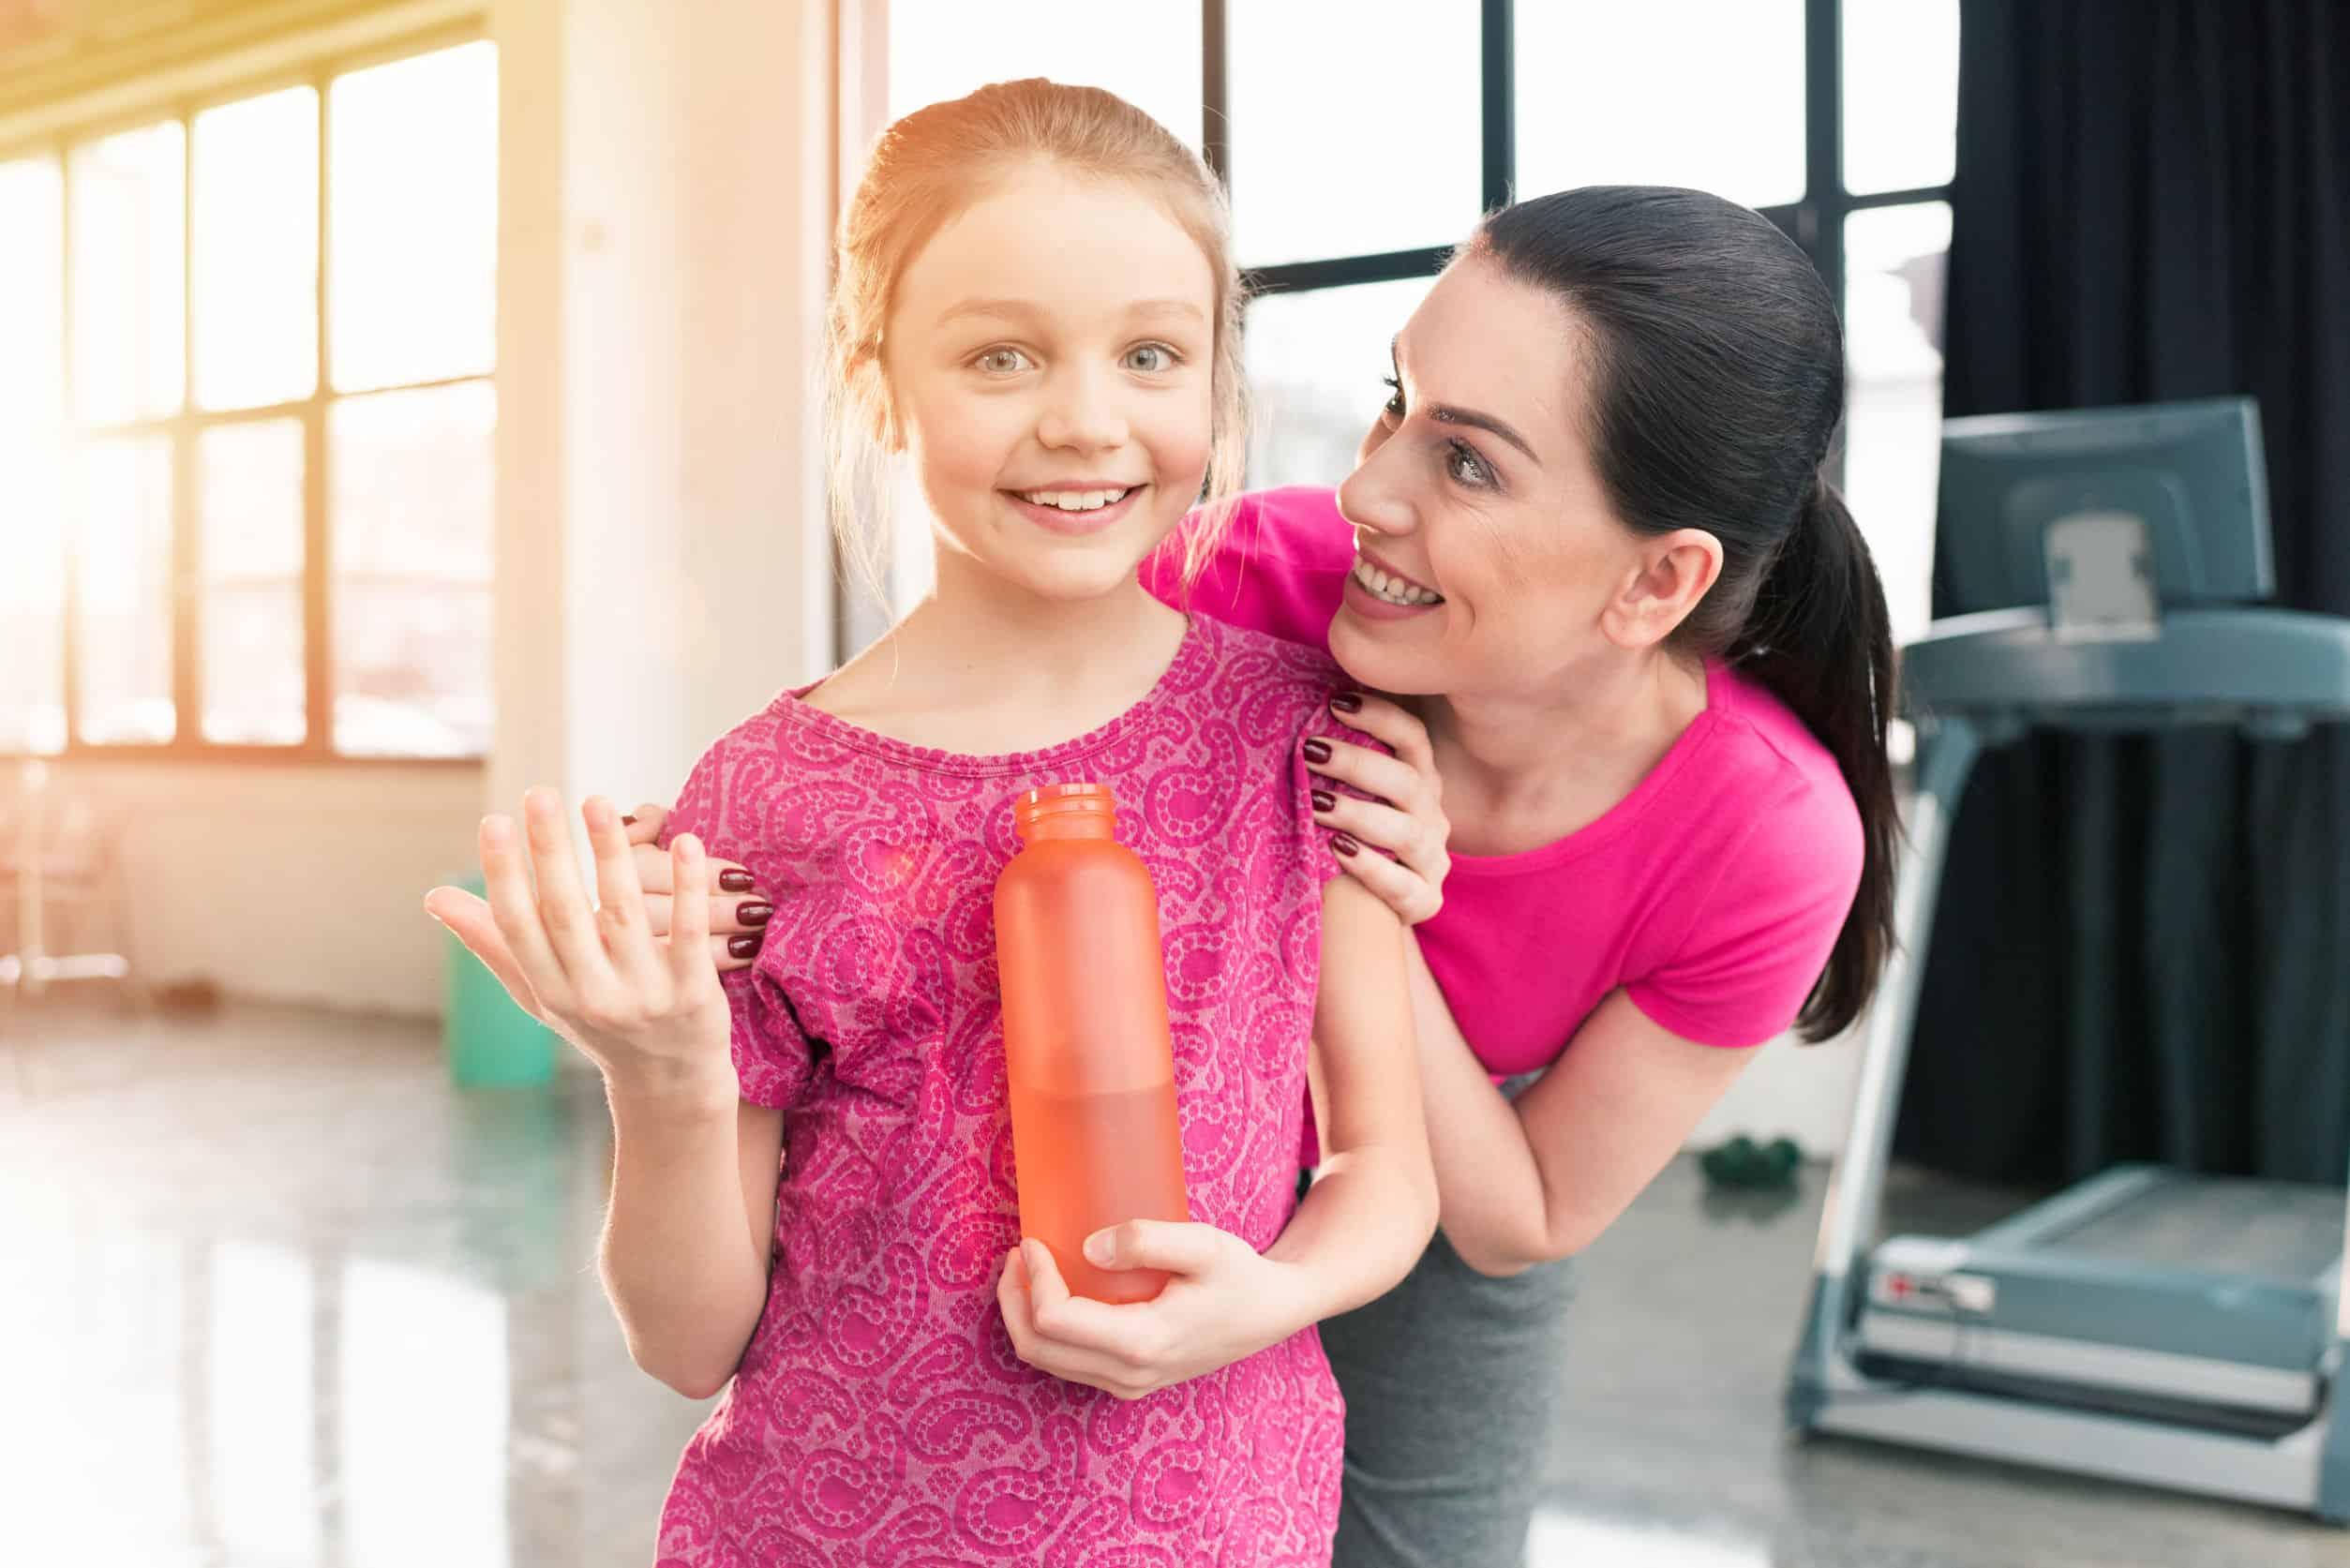 Kinder Trinkflasche: Test & Empfehlungen (07/20)